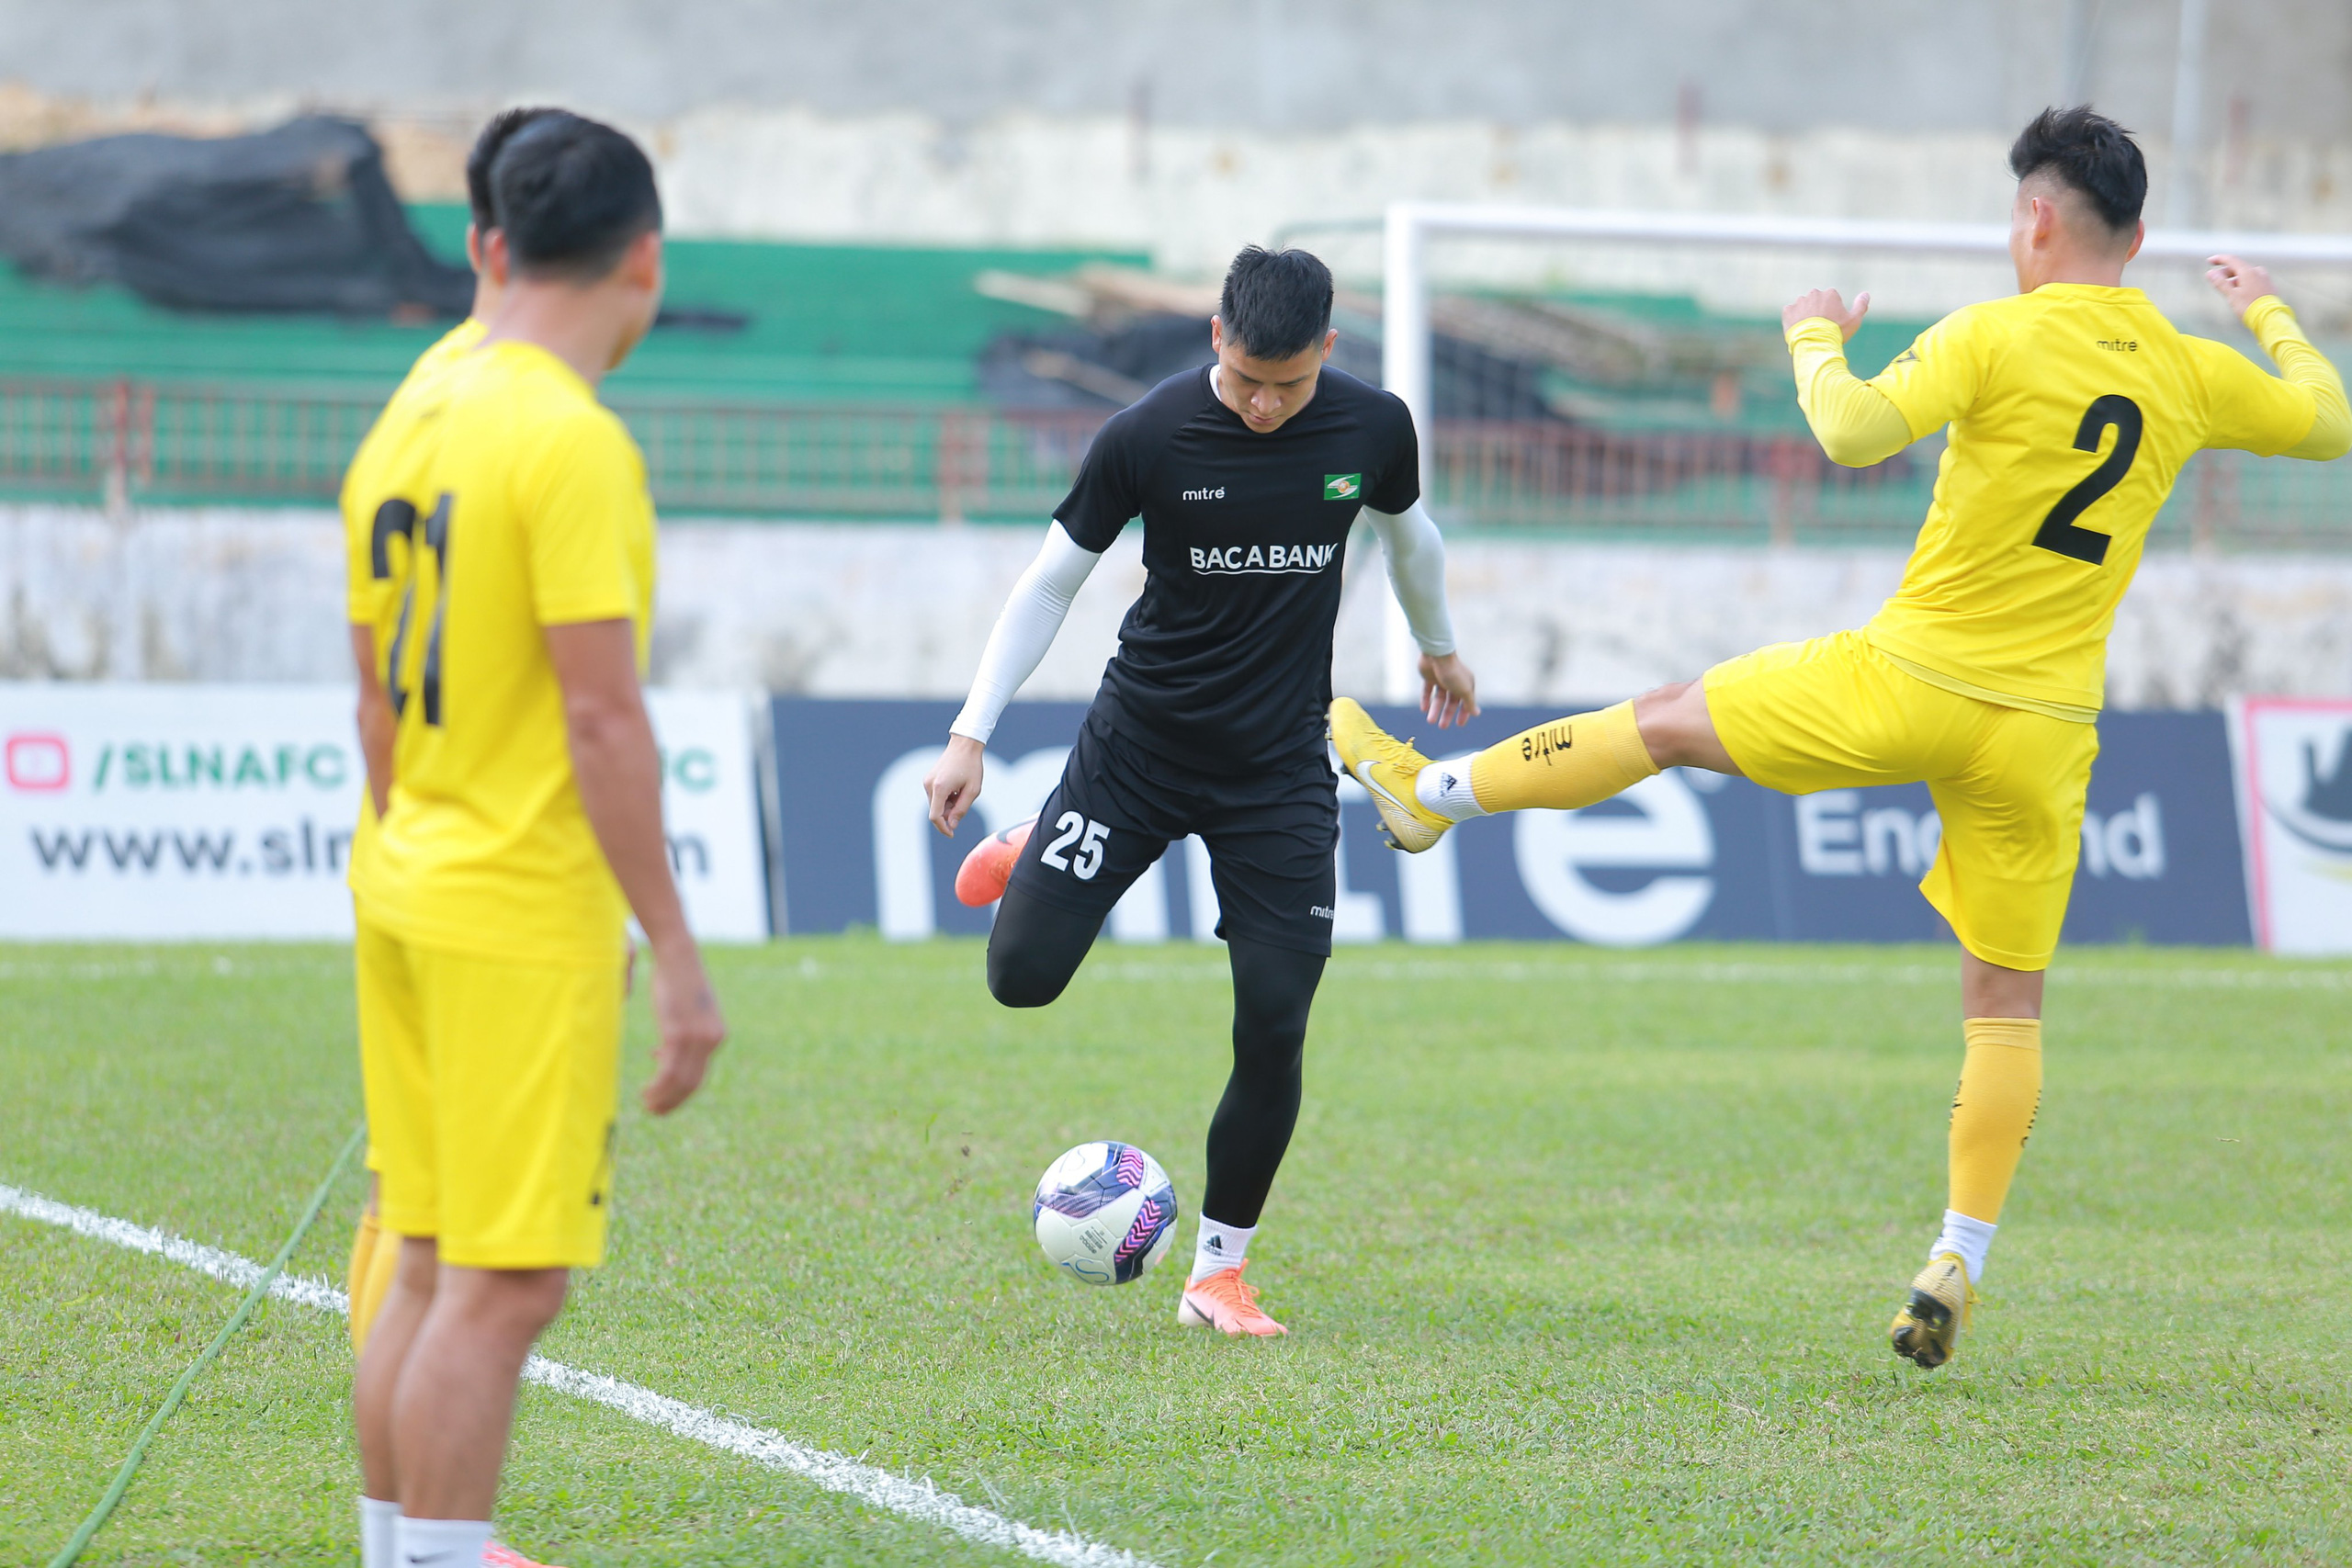 Nóng: Toàn bộ đội 1 của CLB bóng đá Sông Lam Nghệ An bị cách ly vì Covid-19 - Ảnh 5.